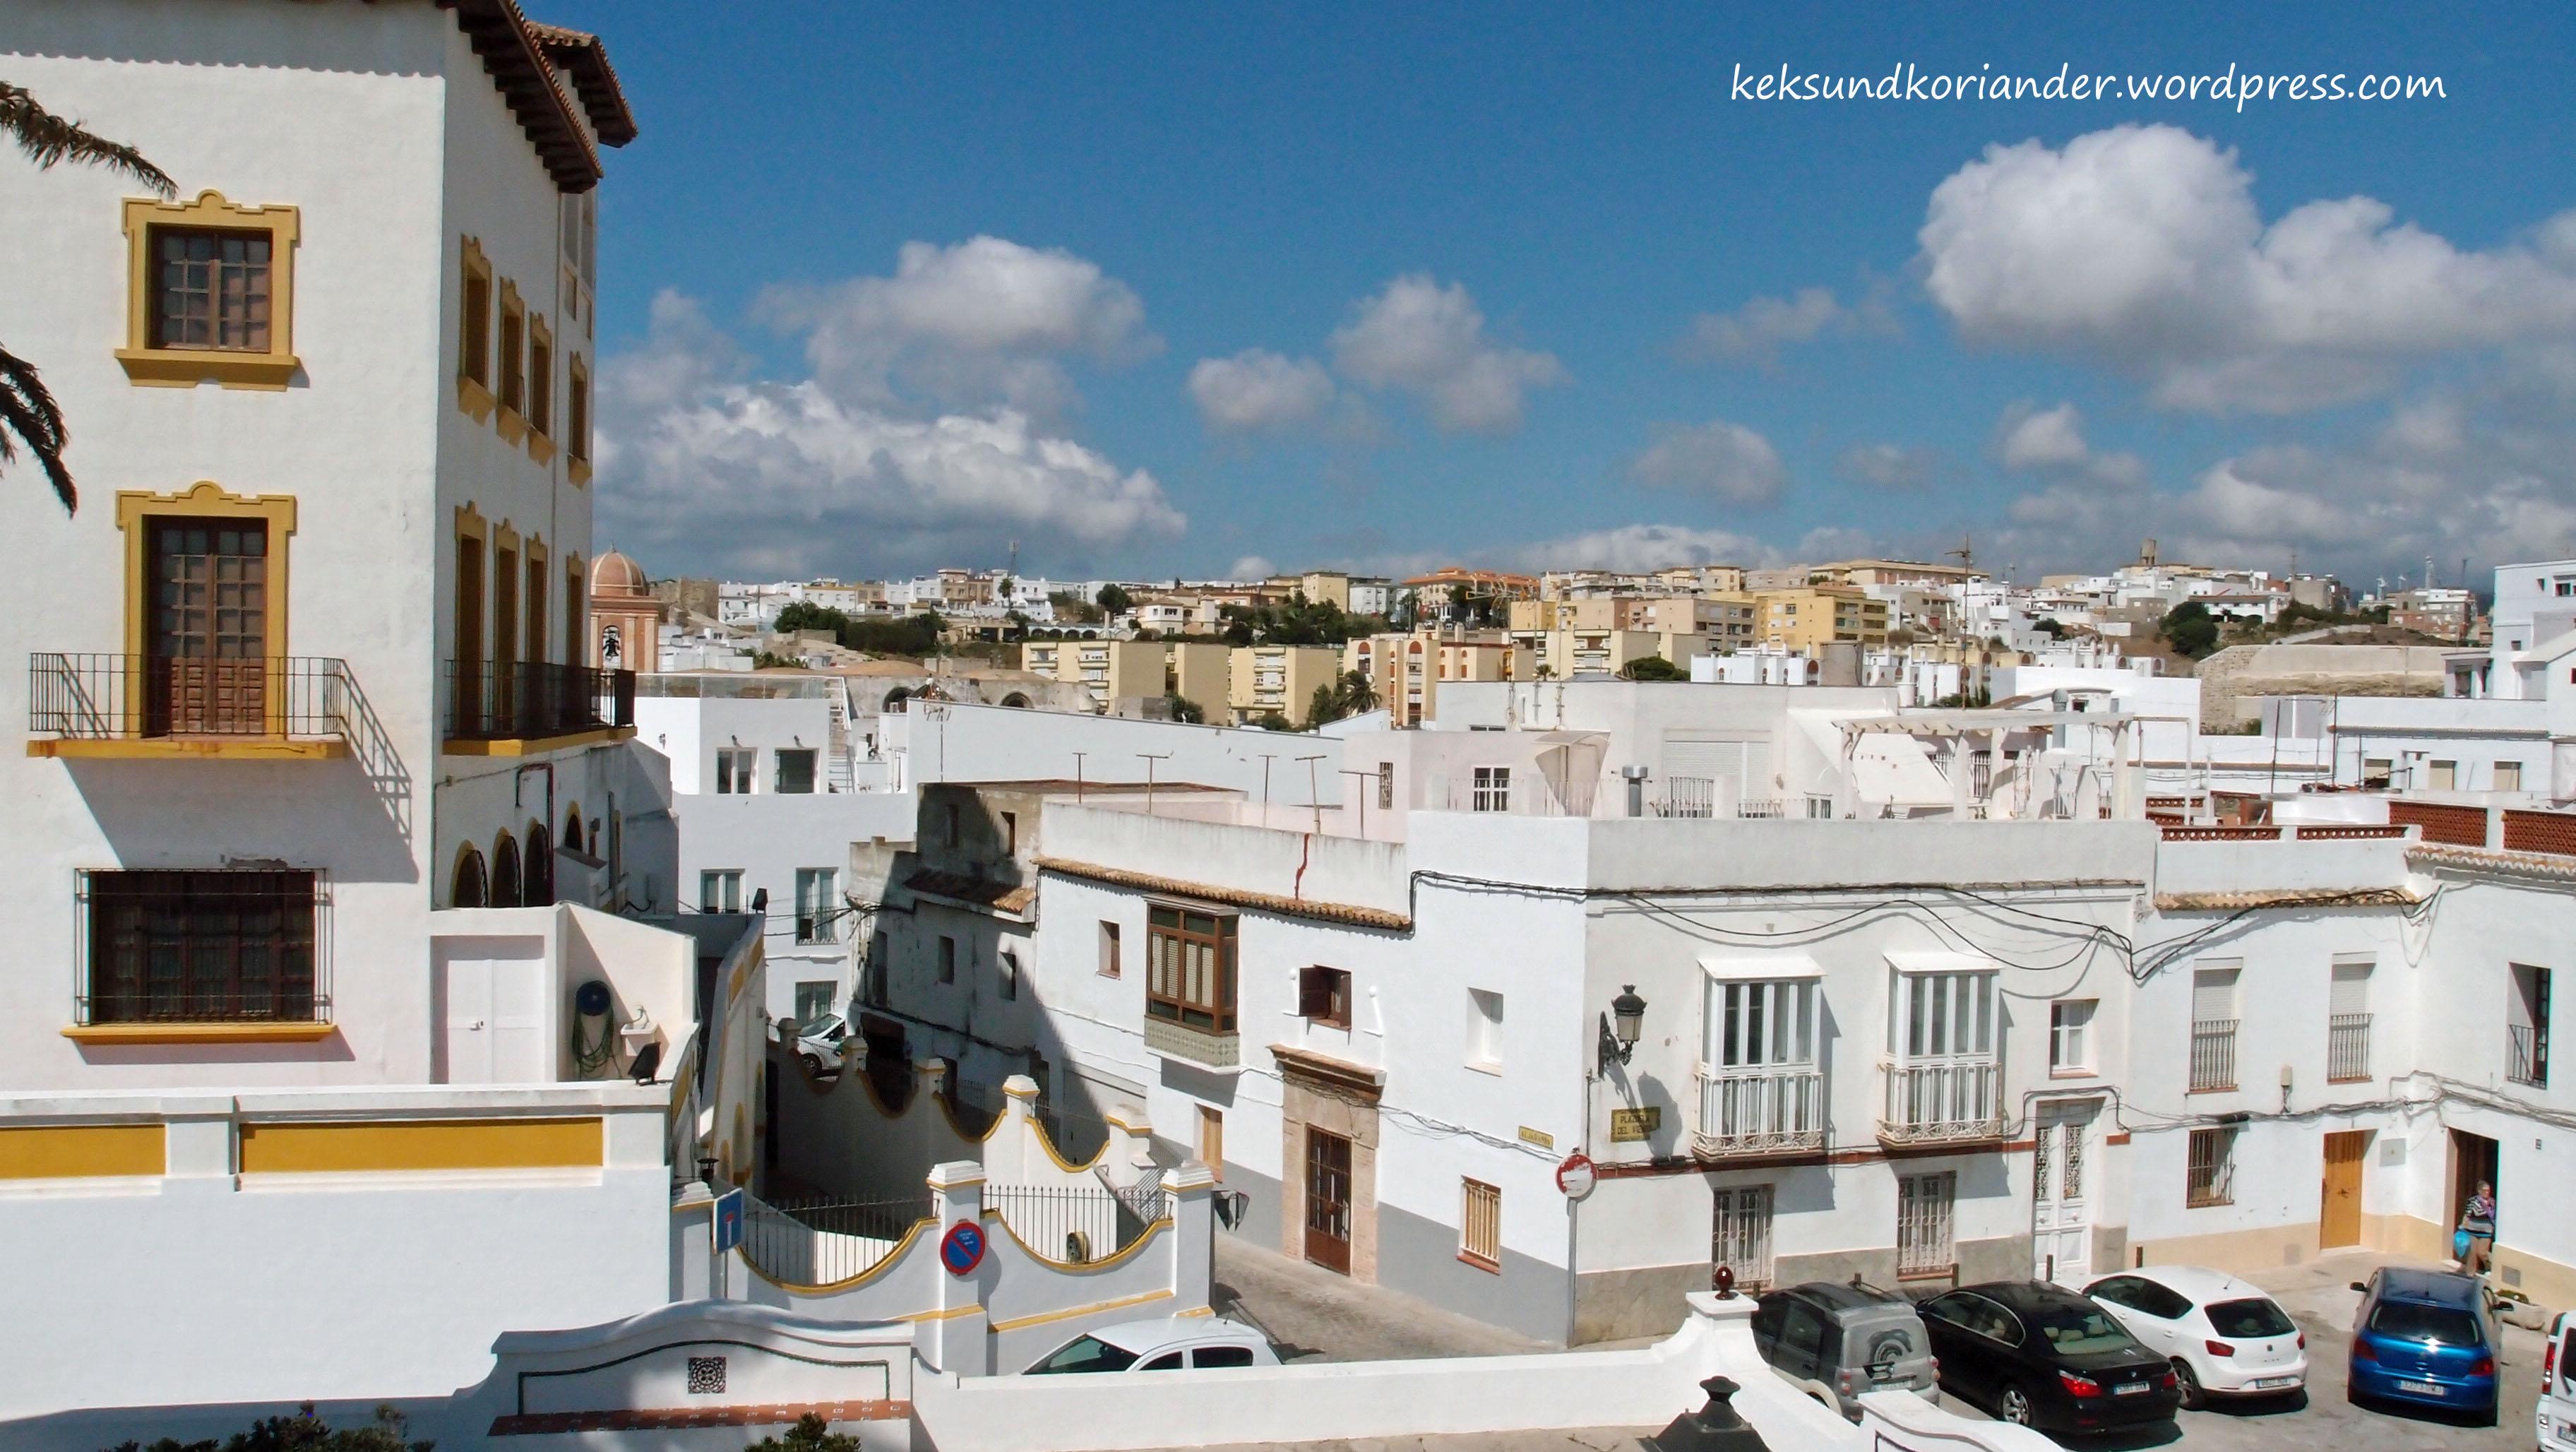 Tarifa Andalusien Spanien Altstadt